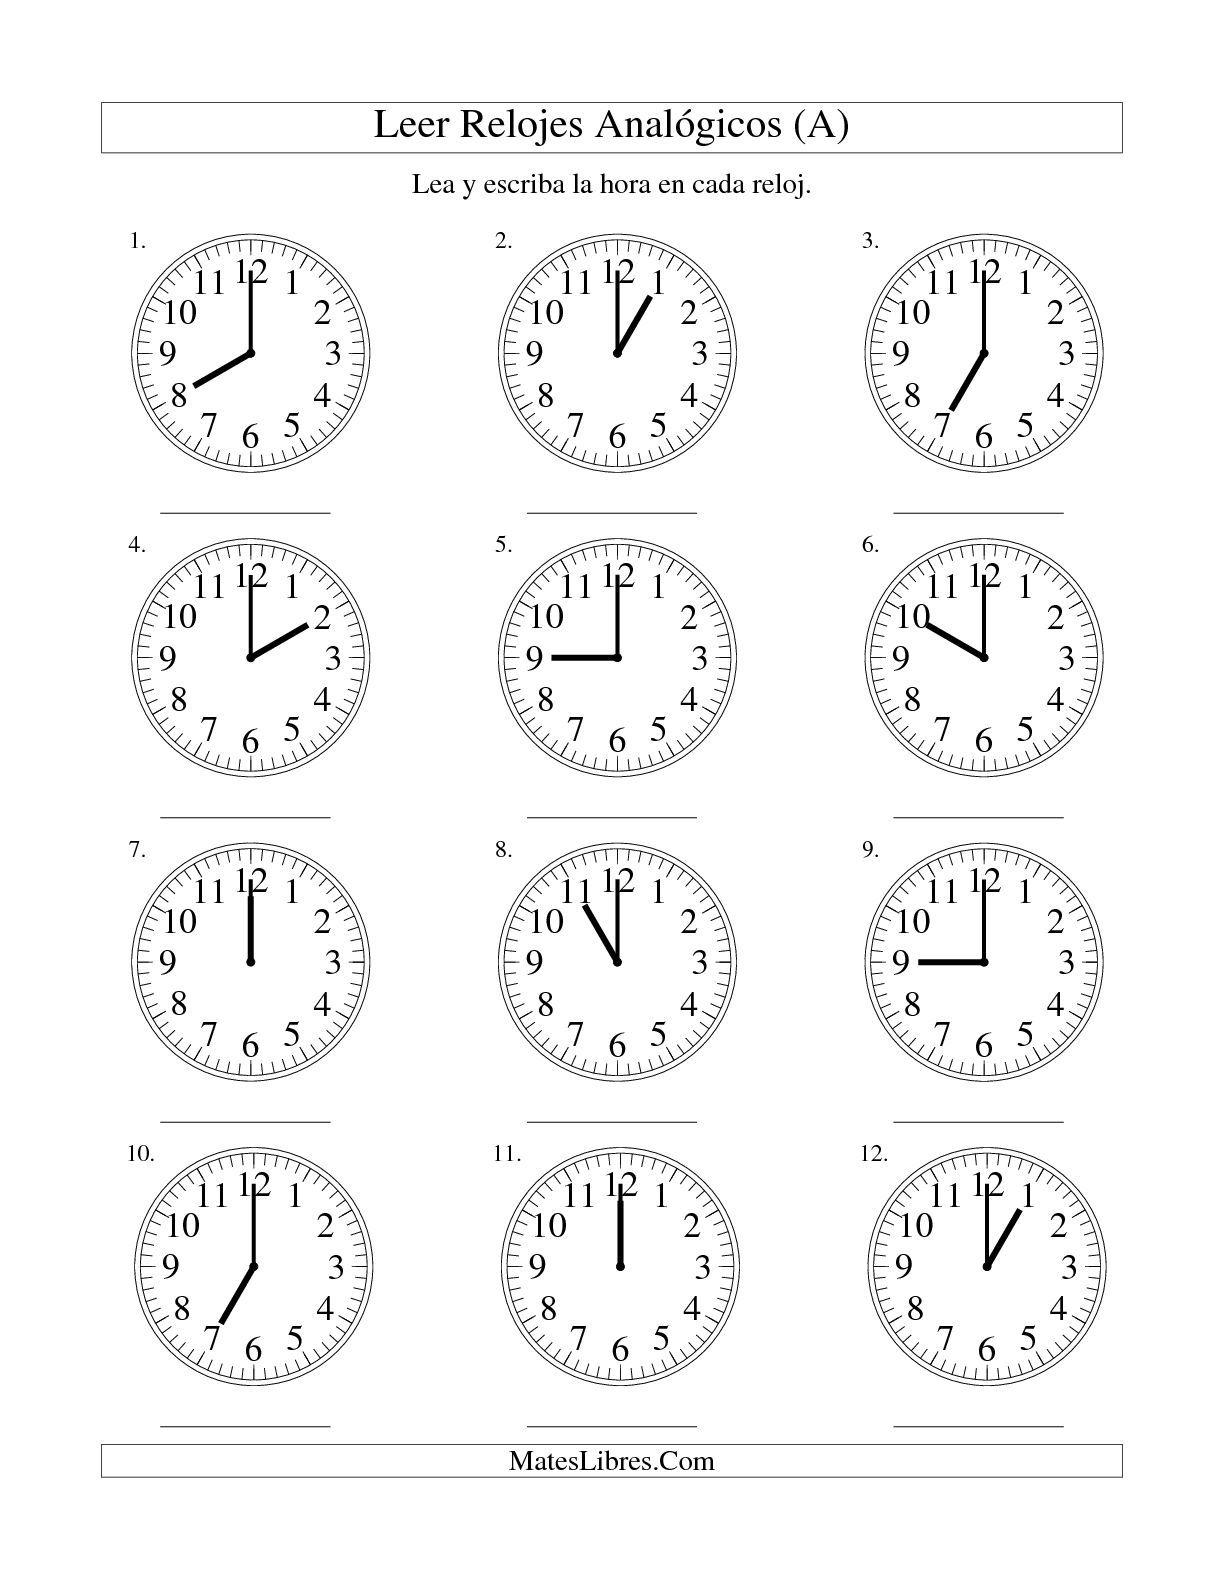 La Hoja De Ejercicios De Leer La Hora En Un Reloj